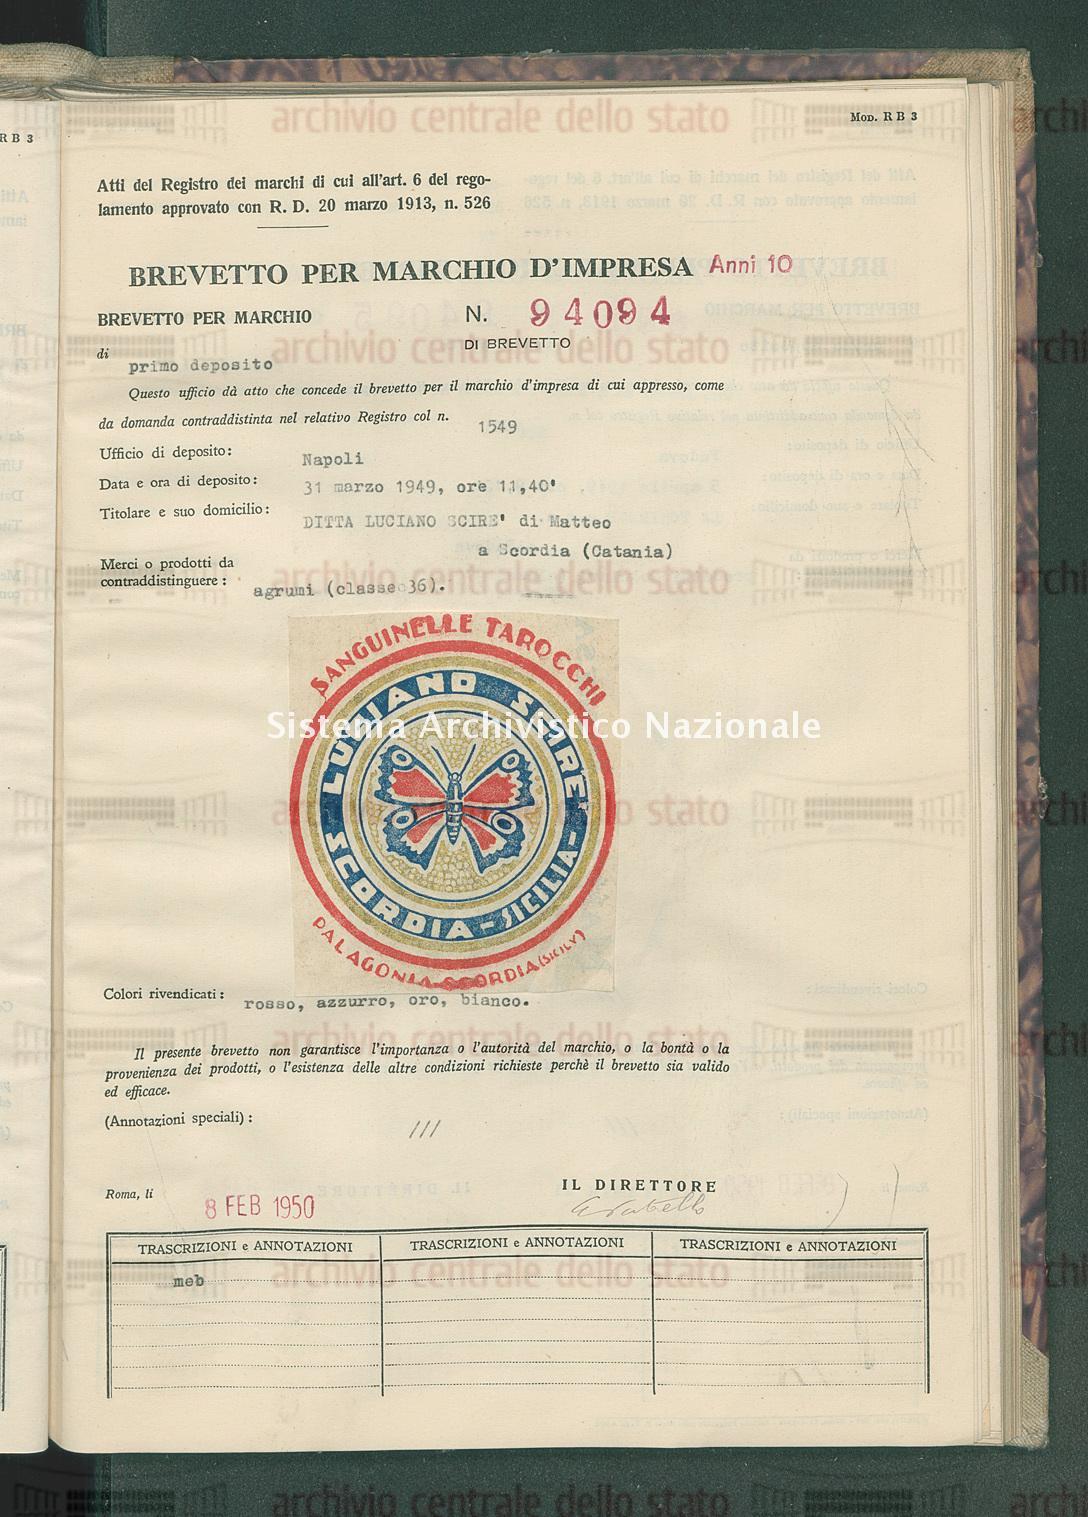 Agrumi Ditta Luciano Scire' Di Matteo (08/02/1950)